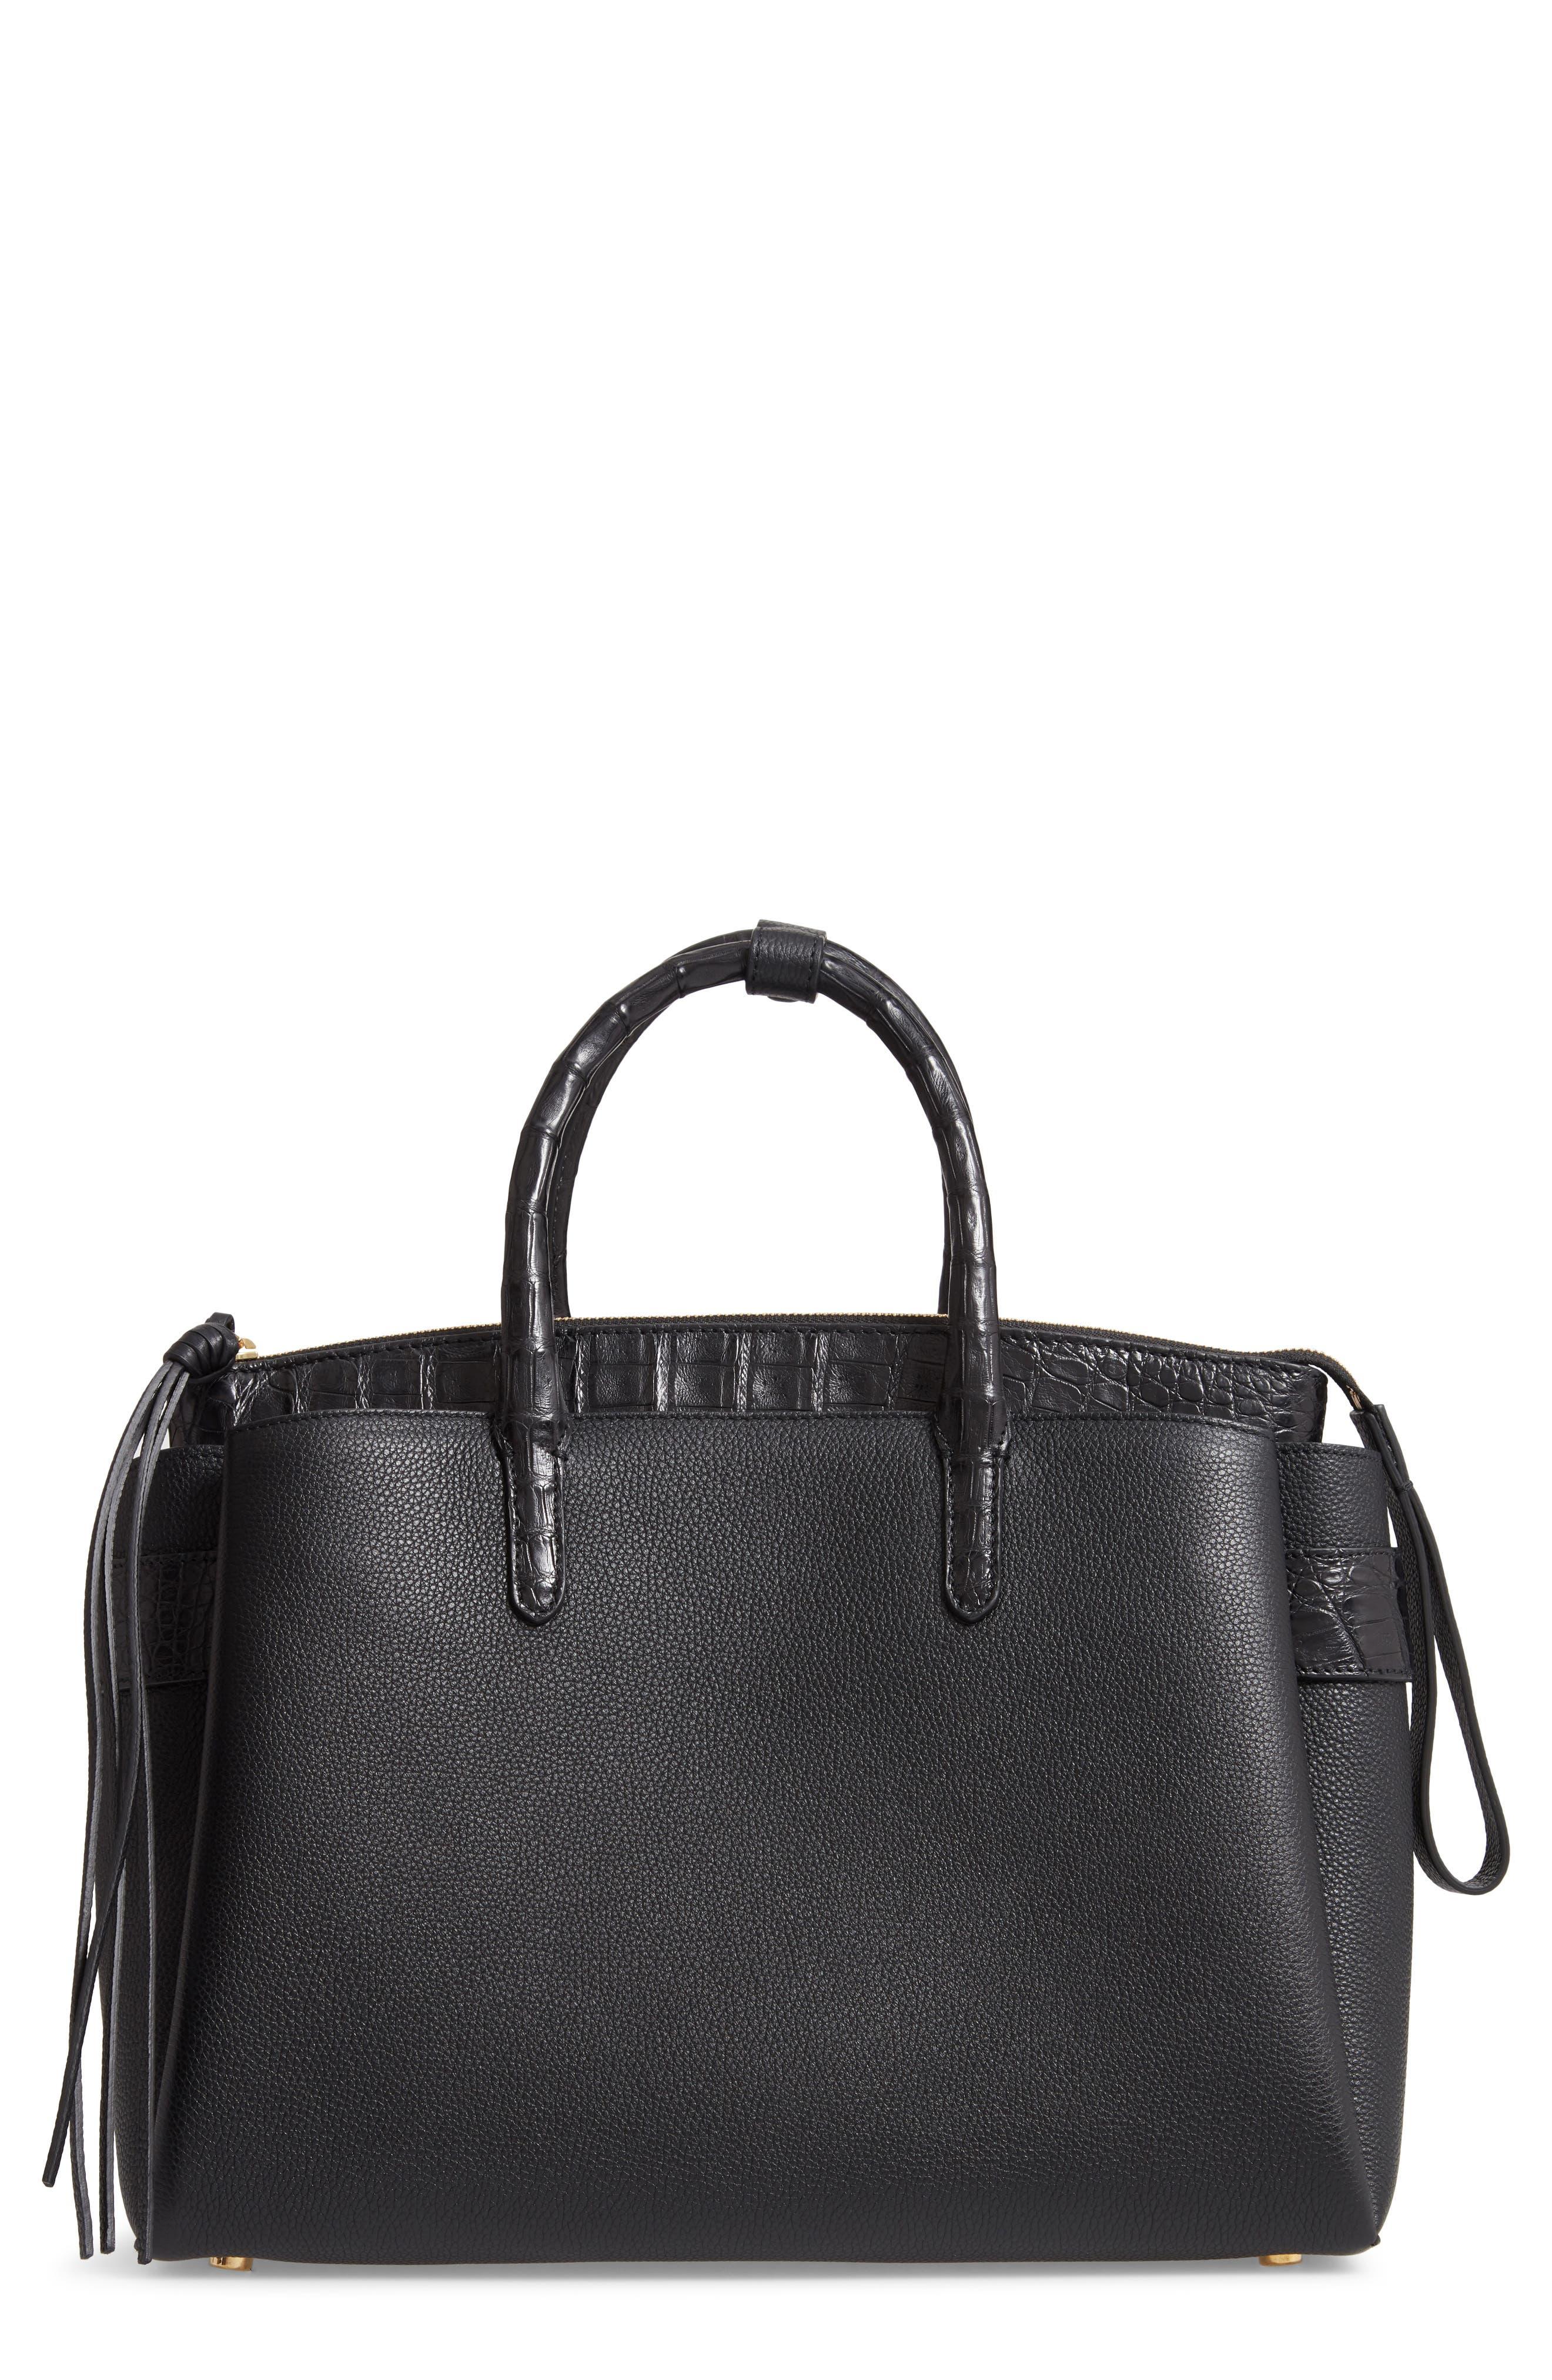 Cristie Leather & Genuine Crocodile Satchel - Black in Black Matte